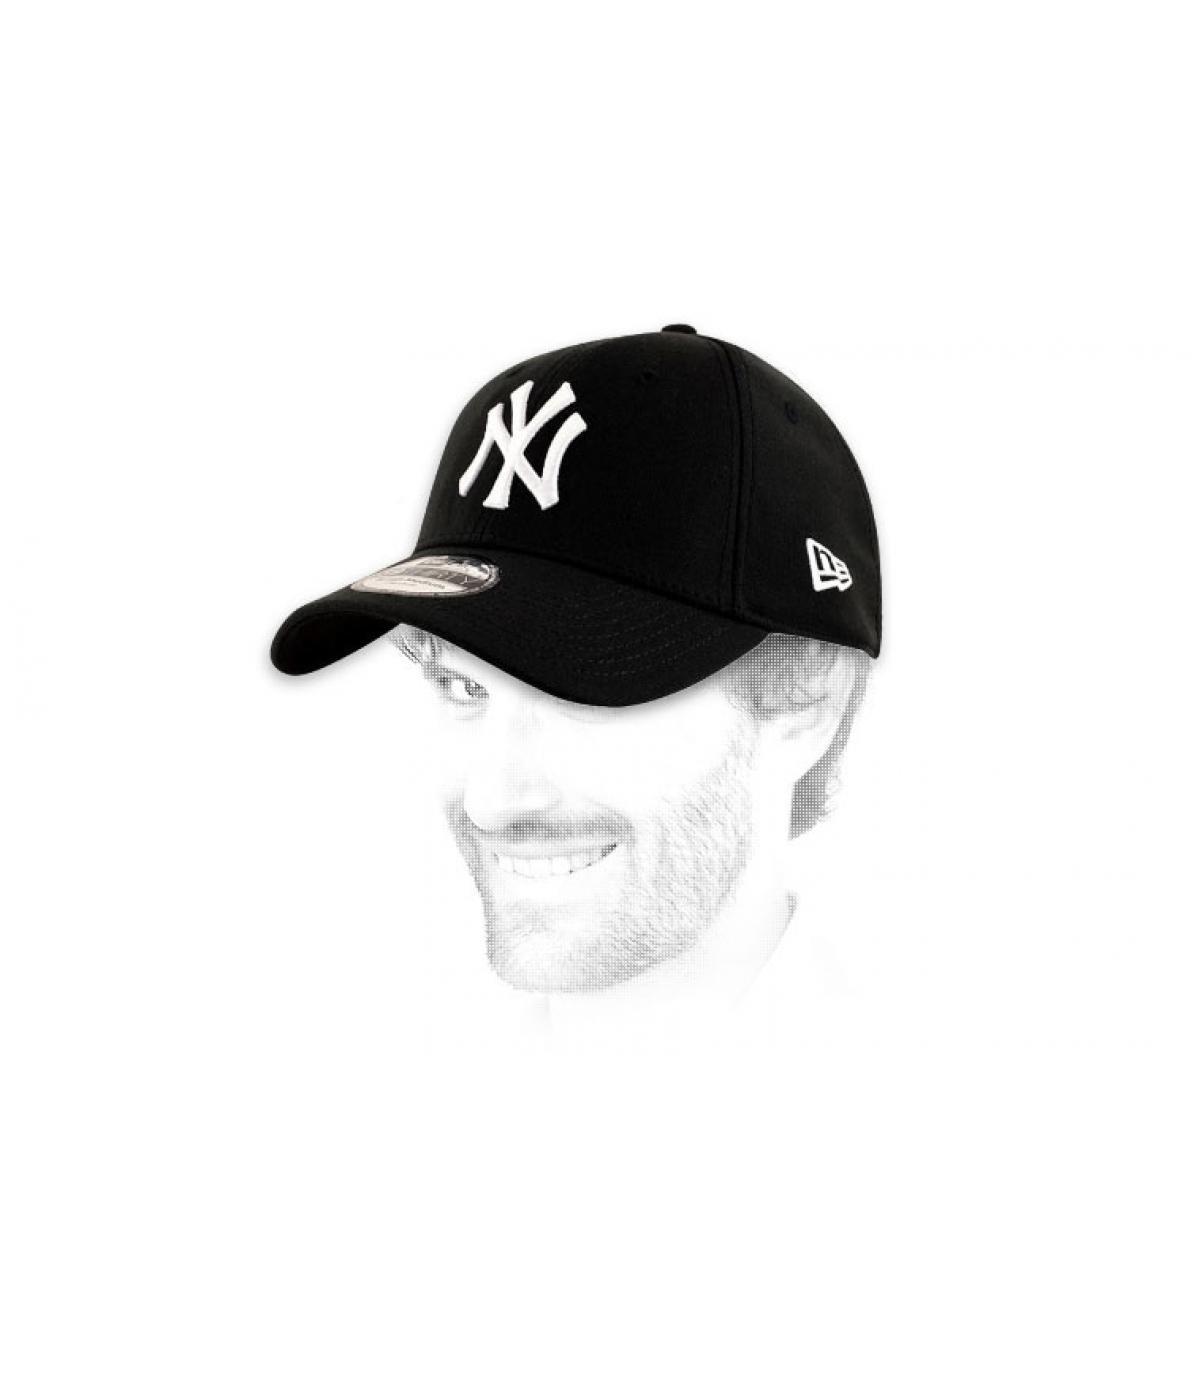 Dettagli 39Thirty NY black white - image 7